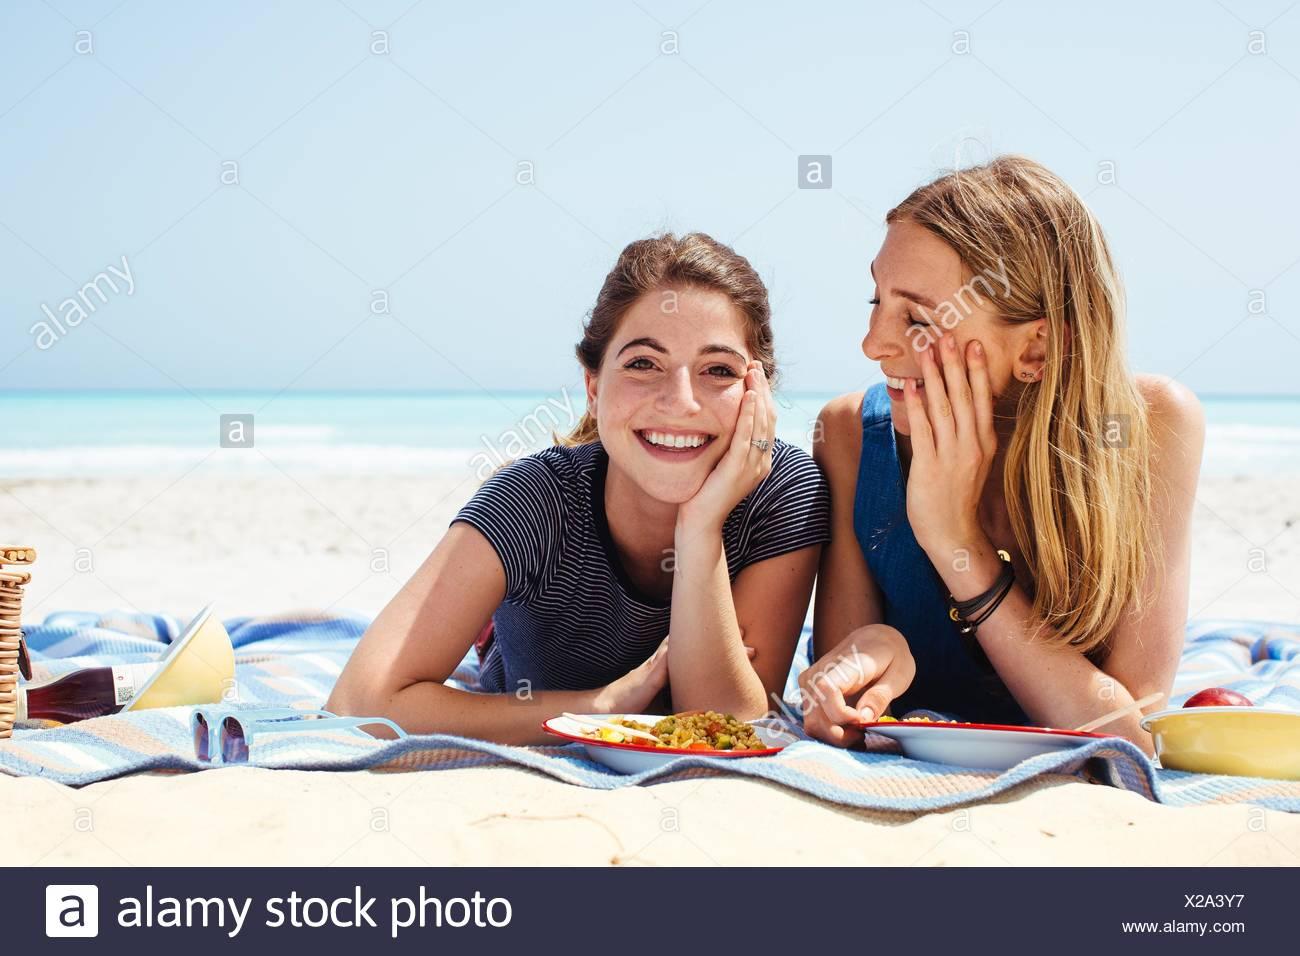 Portrait de deux jeunes amies lying on picnic blanket at beach Banque D'Images